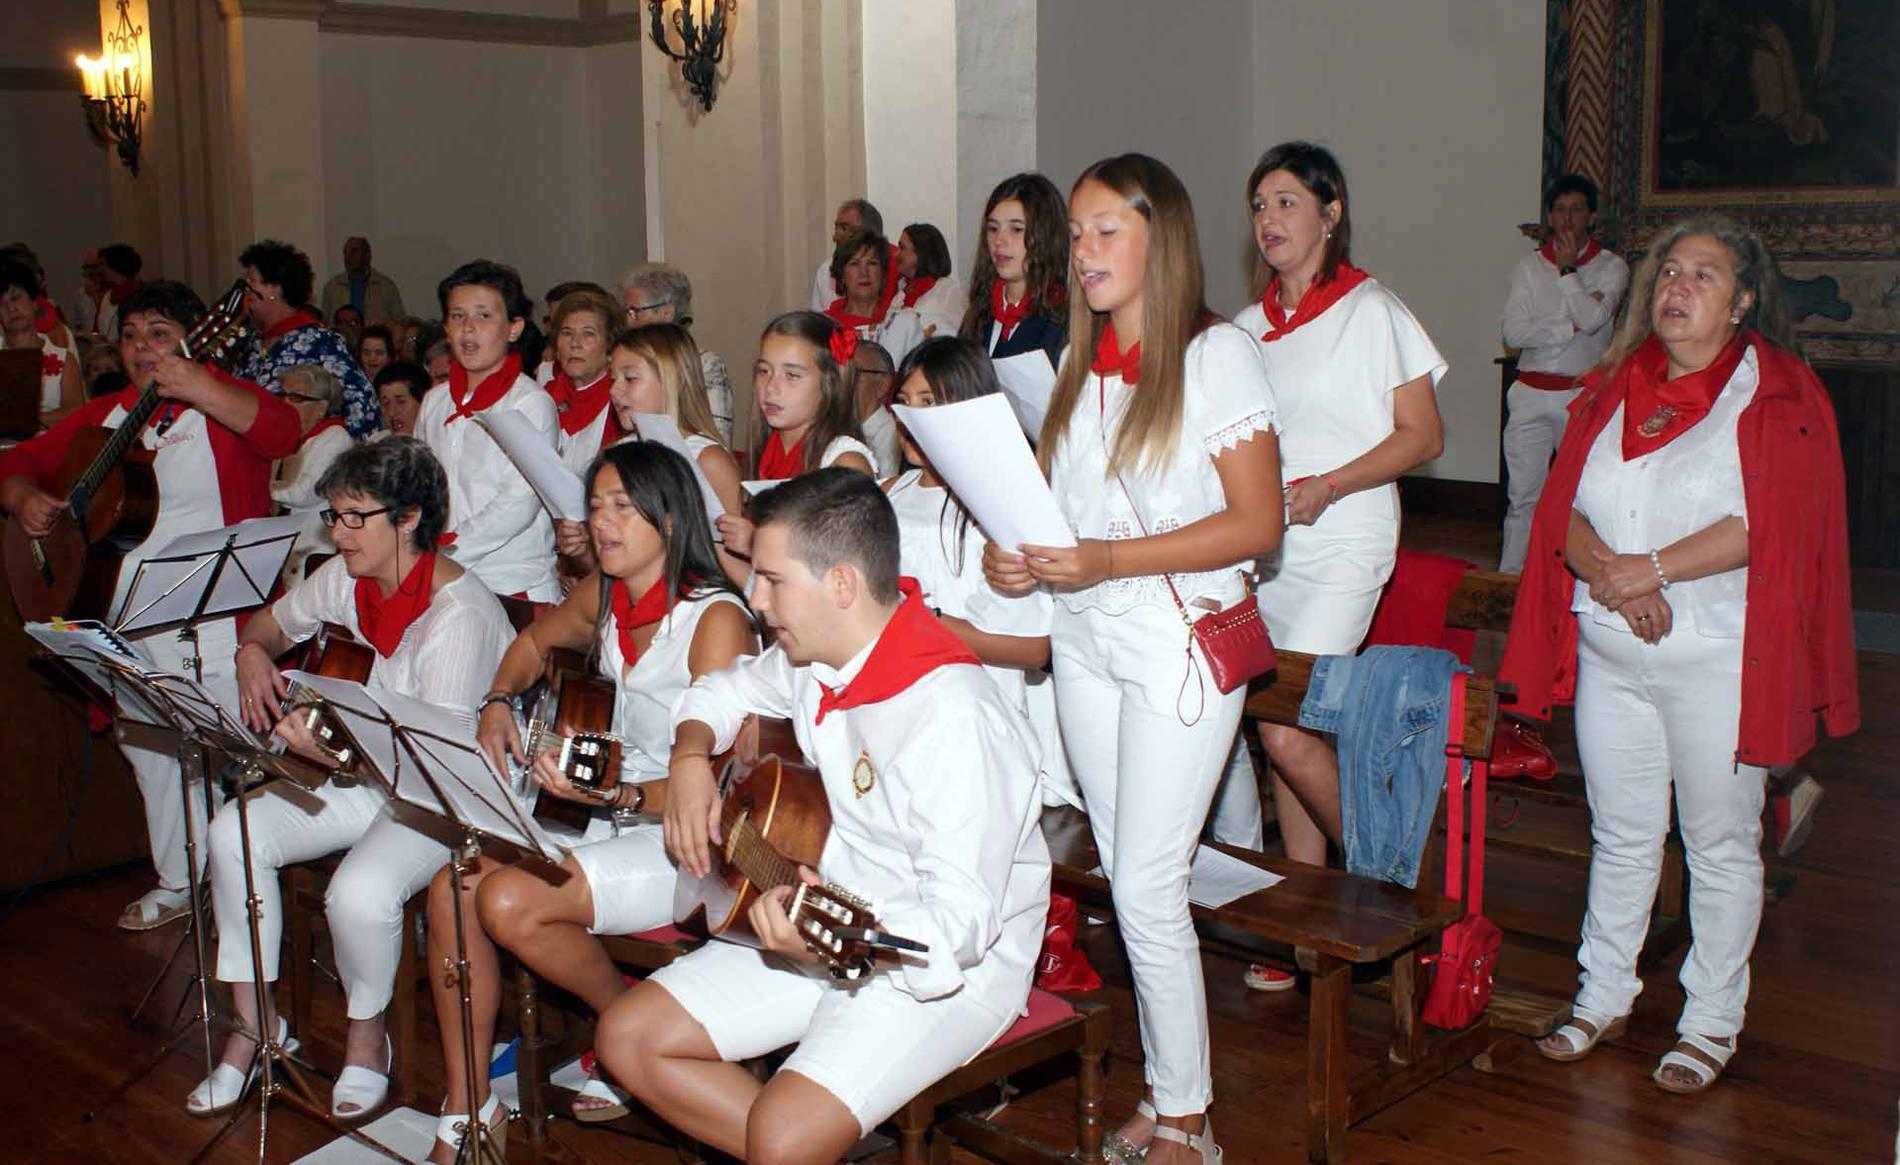 Fiestas de Cascante 2017 (1/10) - Día de la Virgen del Romero en fiestas de Cascante. - Tudela y Ribera -